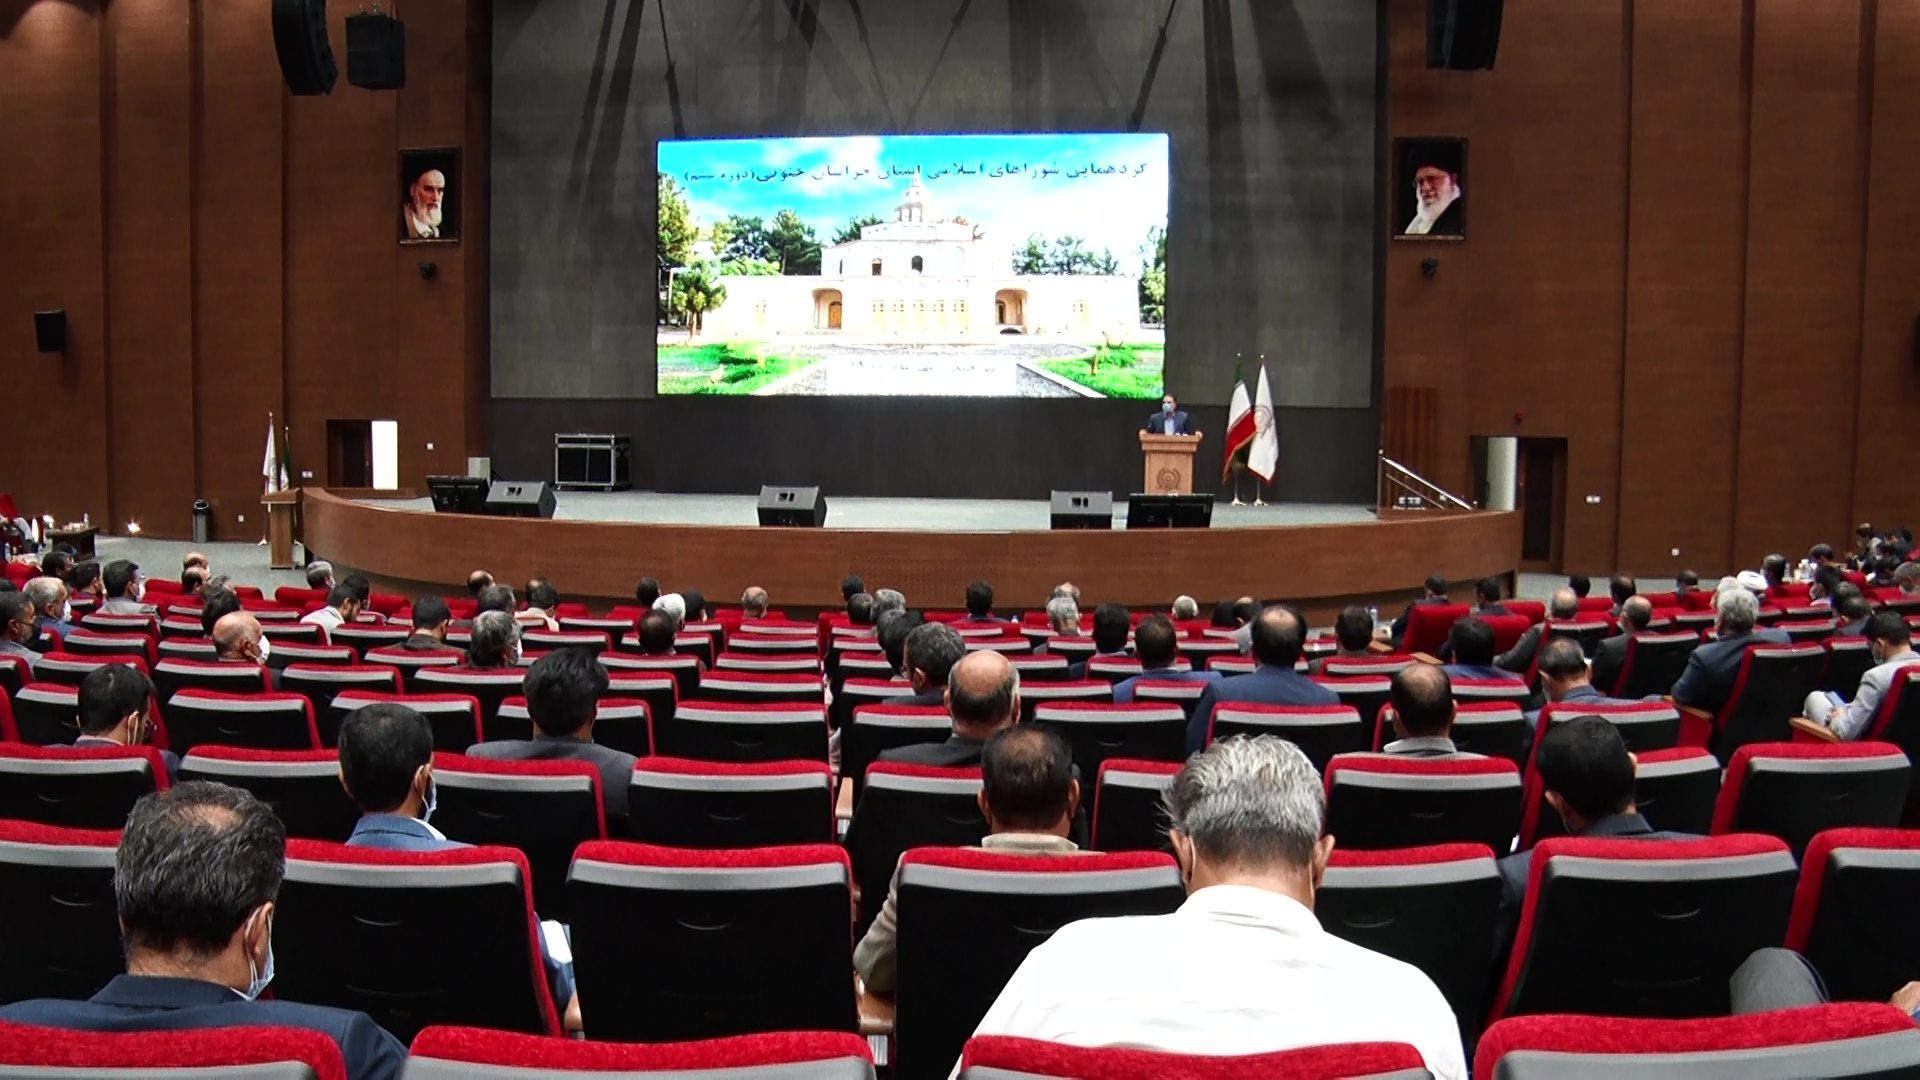 شوراها با معرفی و شناسایی منابع در بهبود شرایط تلاش کنند